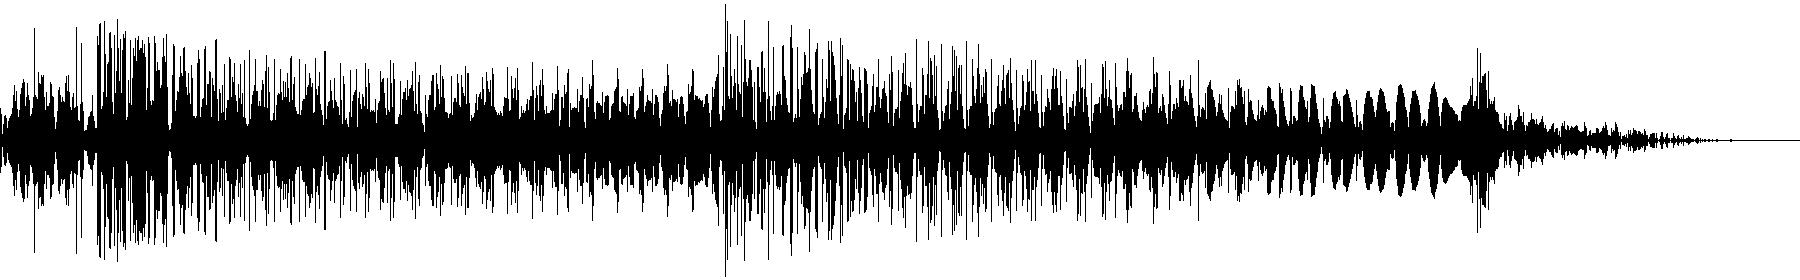 veh2 synths   140 c